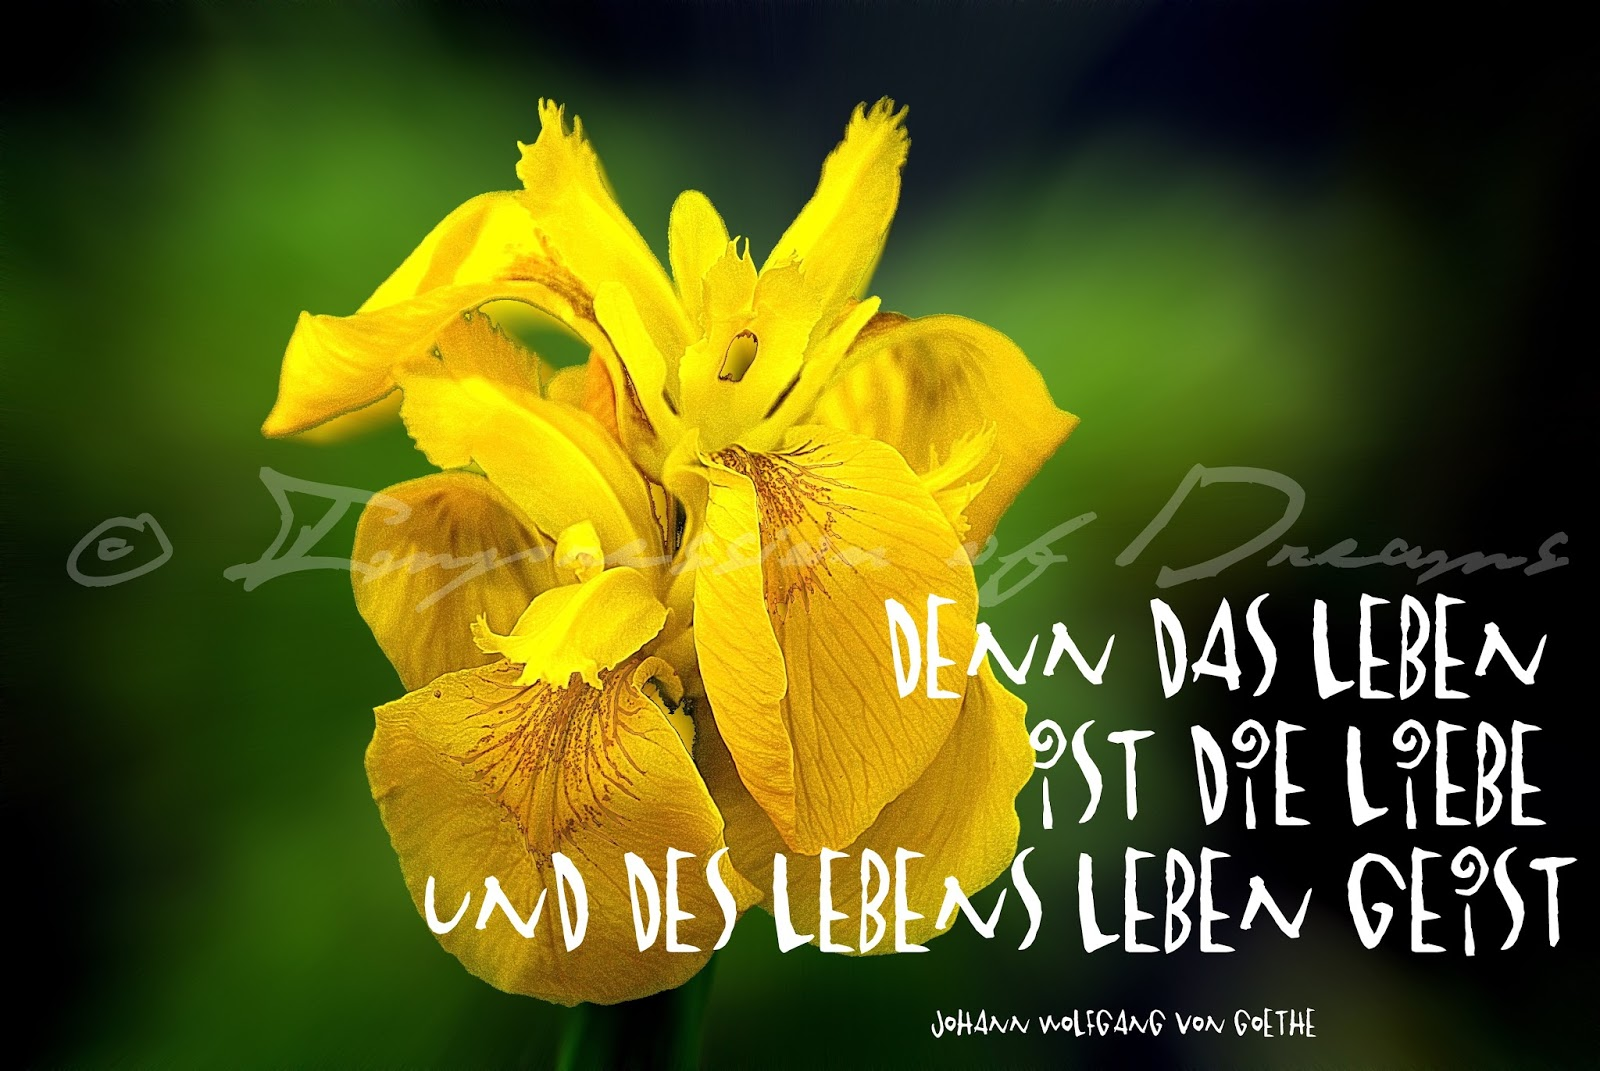 Denn das Leben ist die Liebe und des Lebens Leben Geist